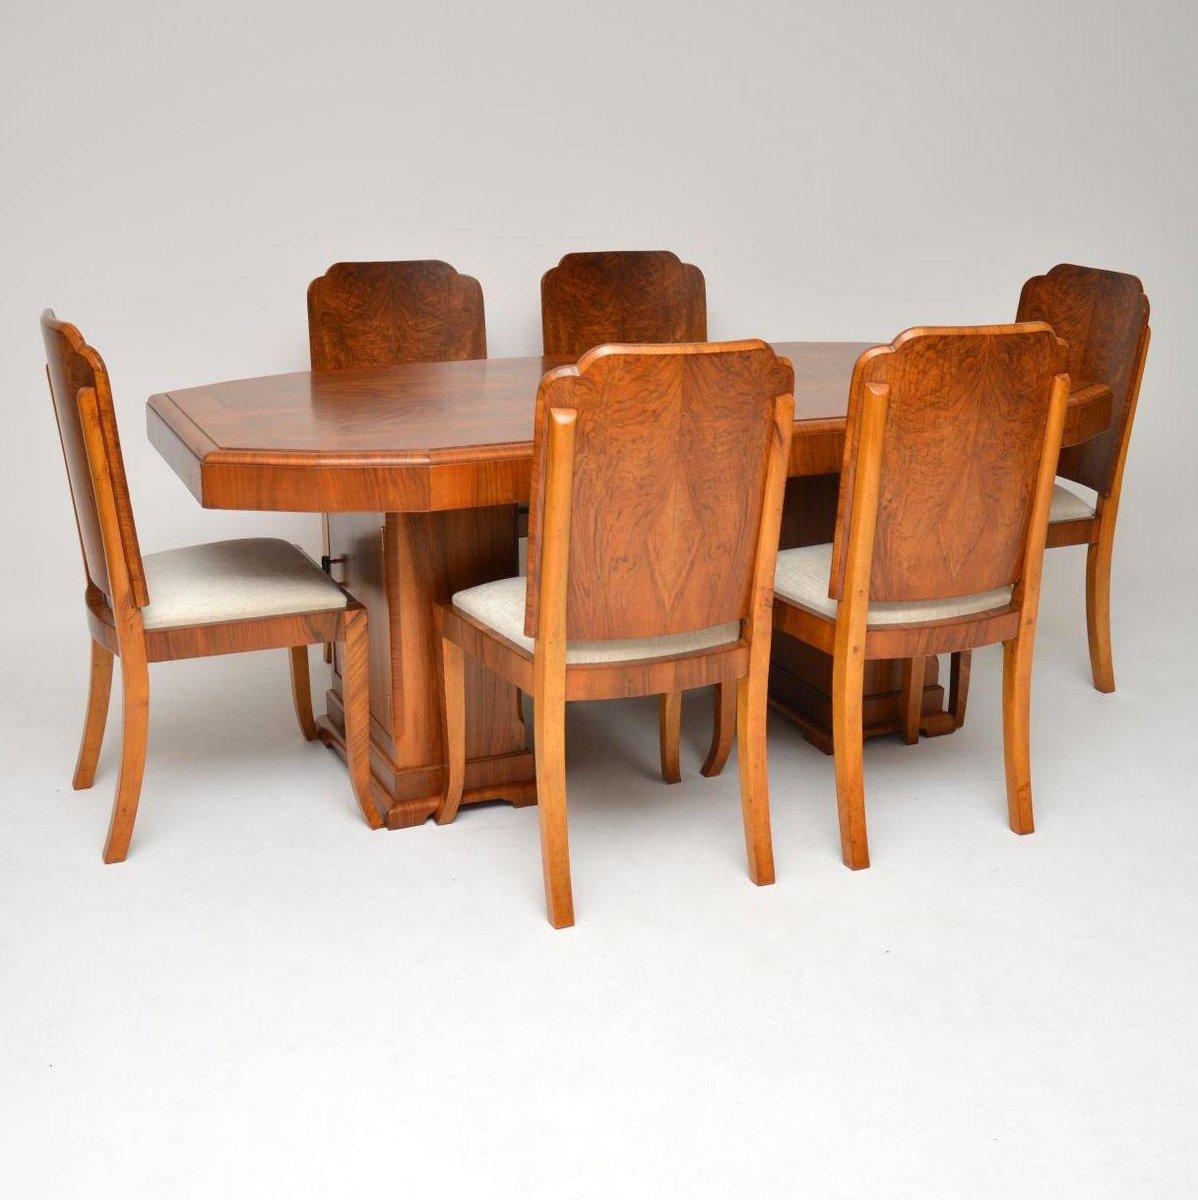 art deco essgruppe mit tisch und 6 st hlen aus nussholz. Black Bedroom Furniture Sets. Home Design Ideas